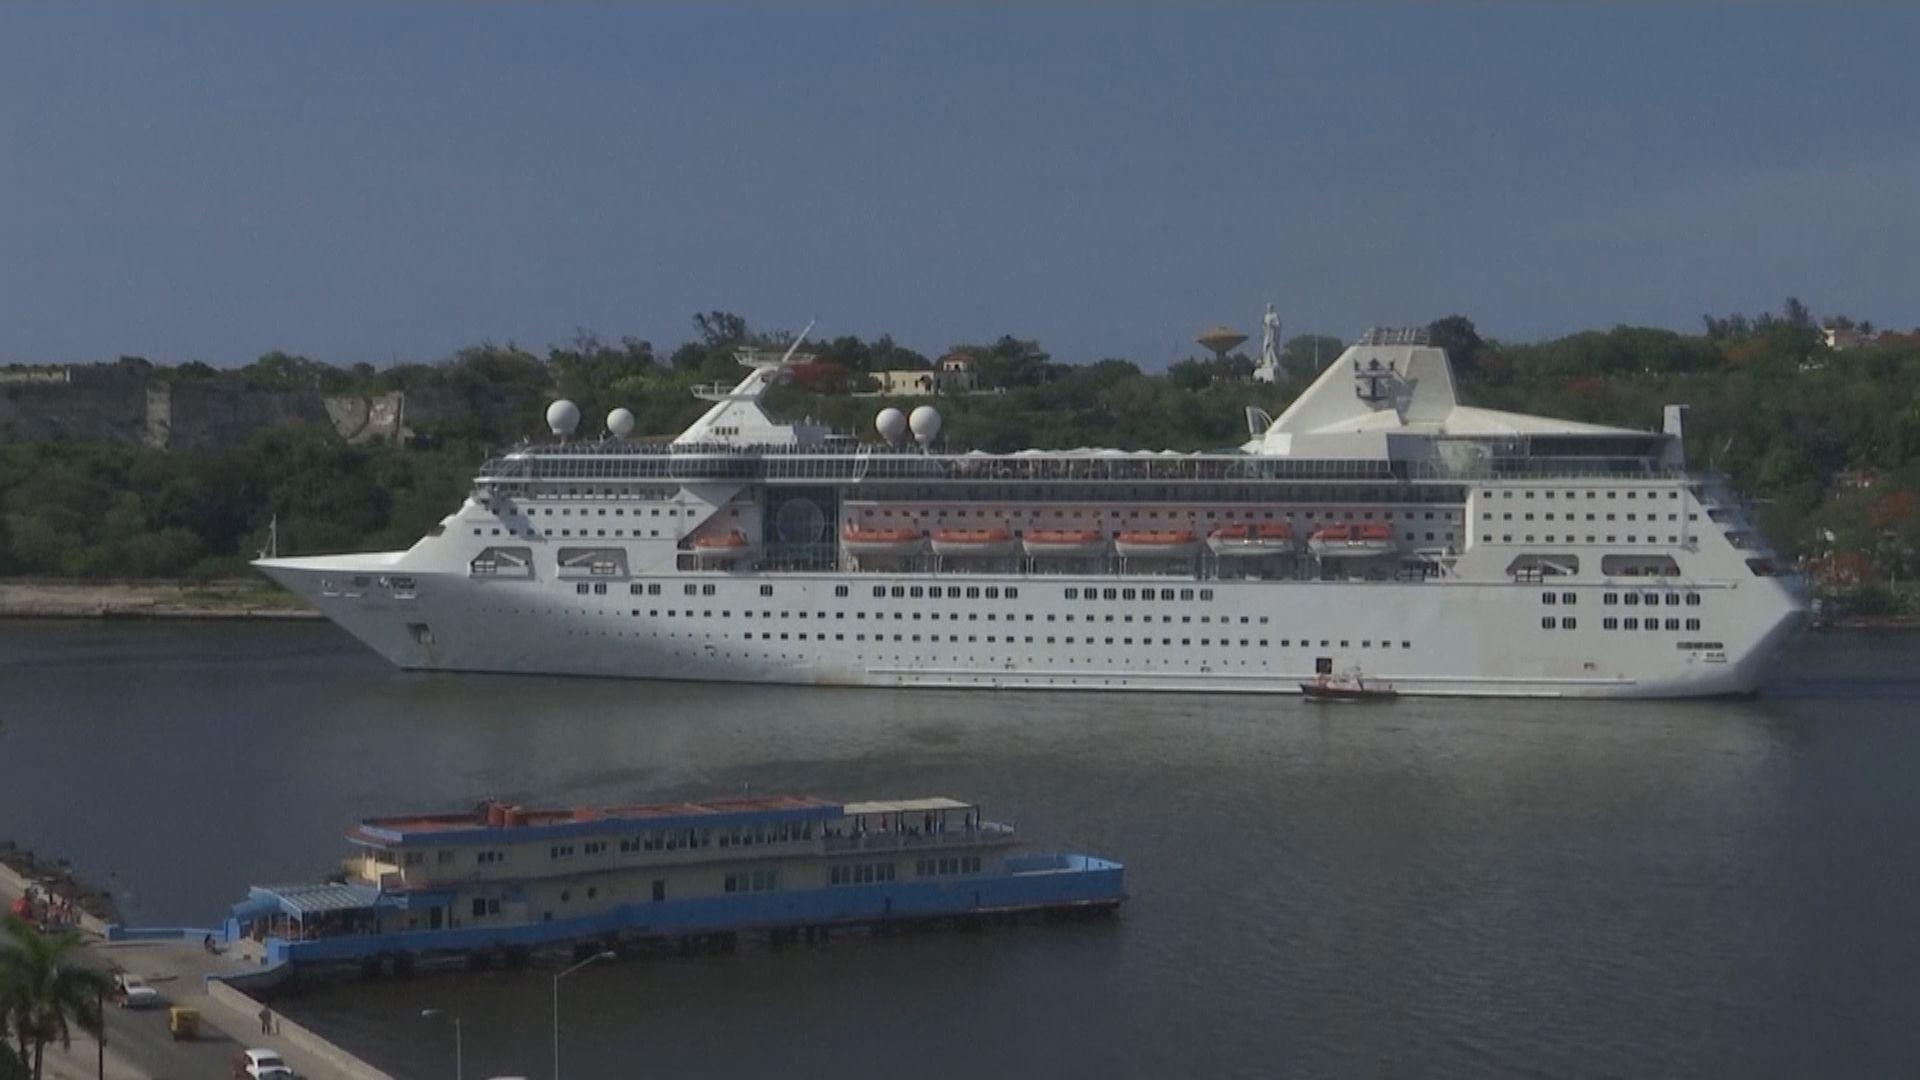 皇家加勒比郵輪及挪威郵輪禁中港澳乘客及員工登船